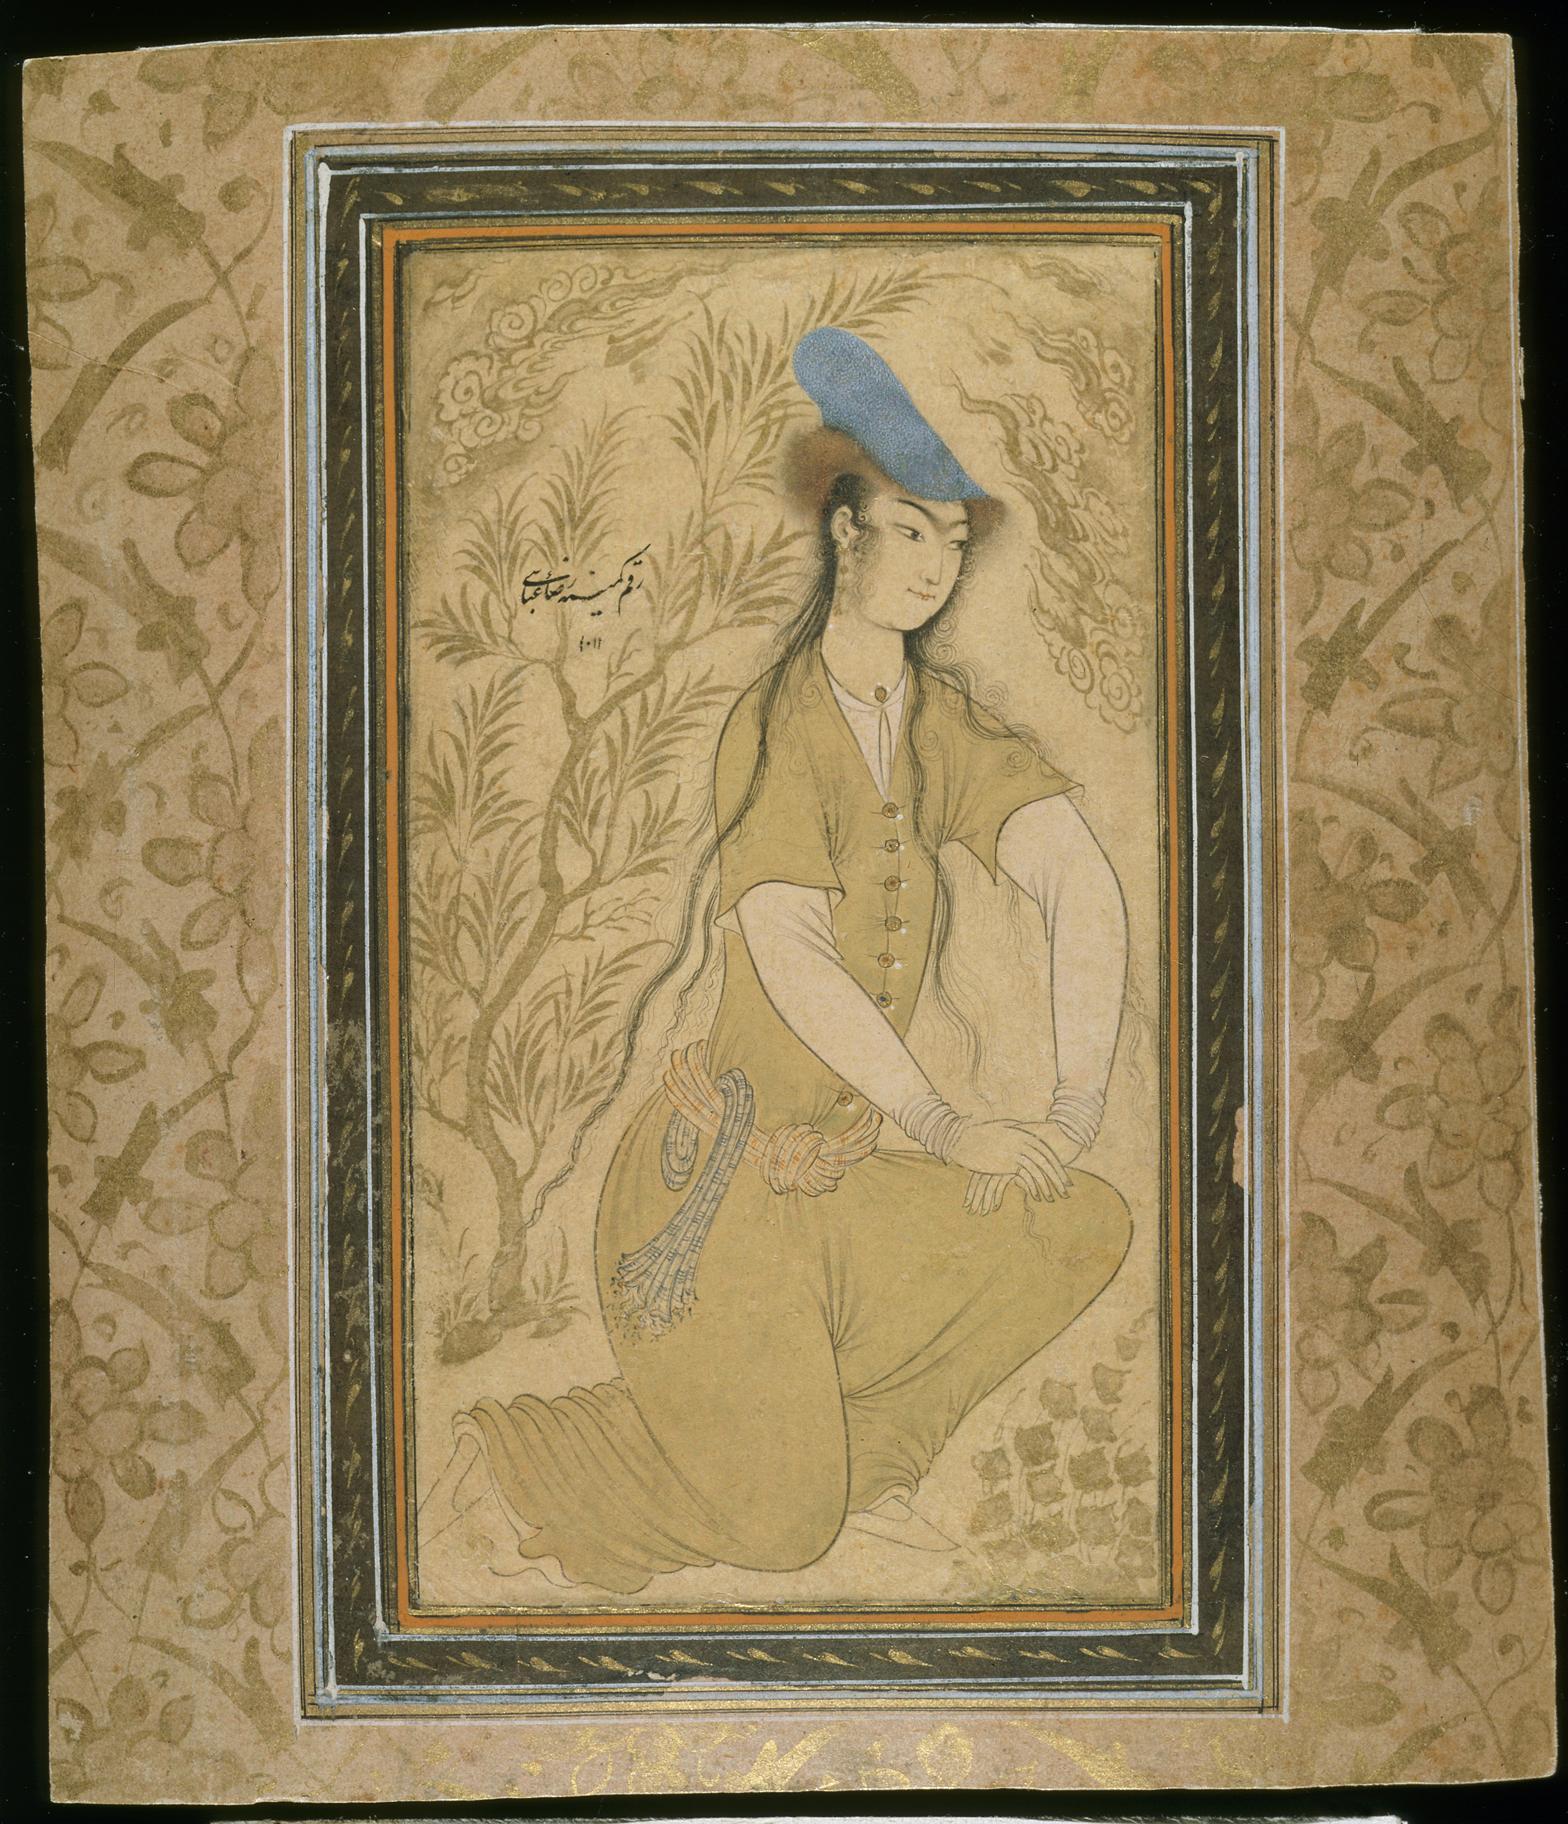 Girl, 1600